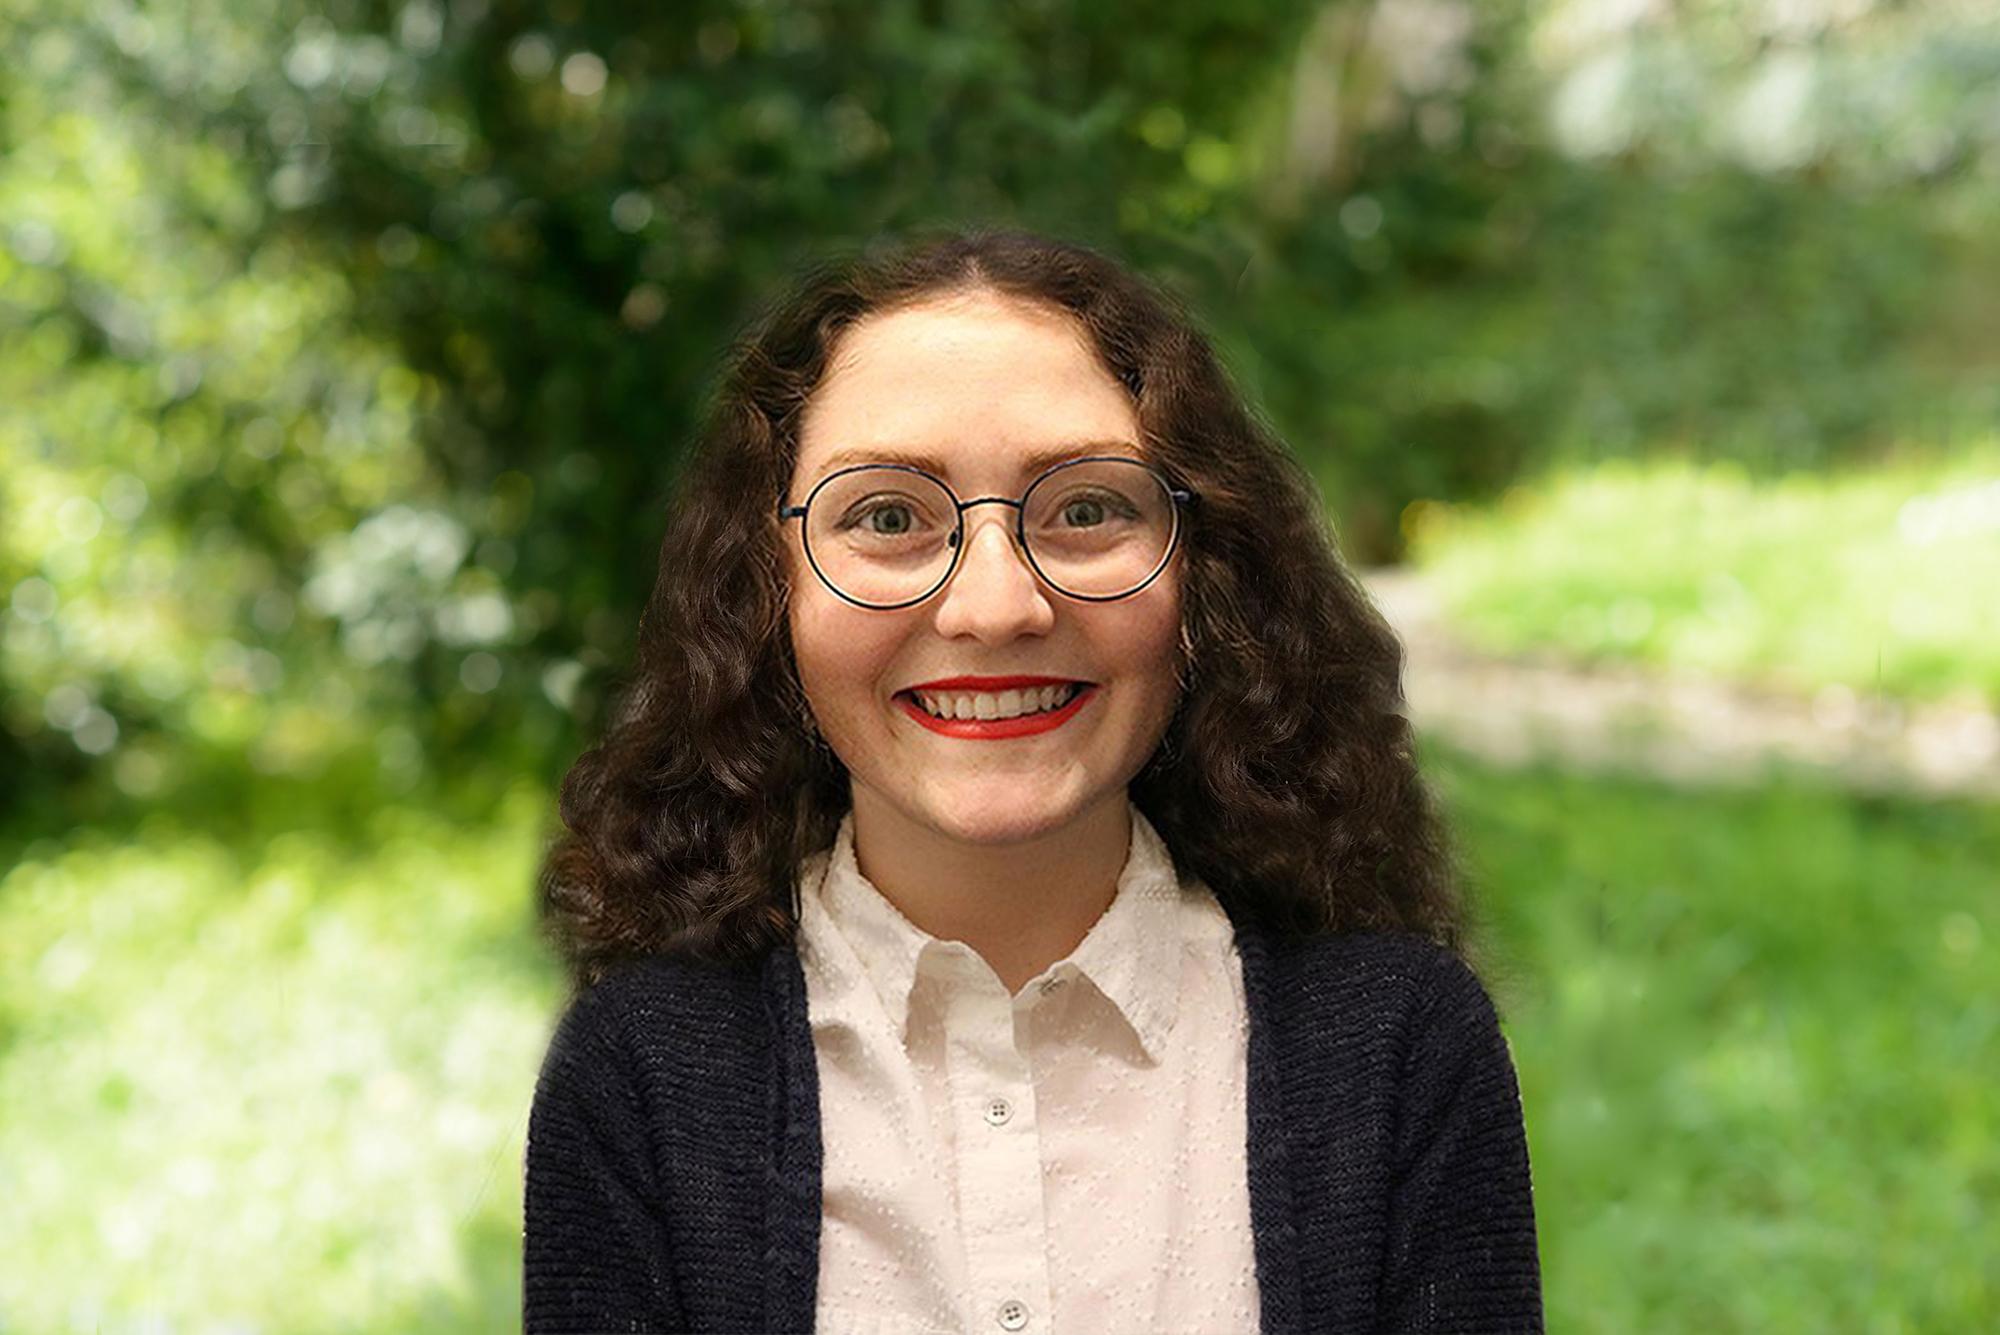 Renee van Amburgh